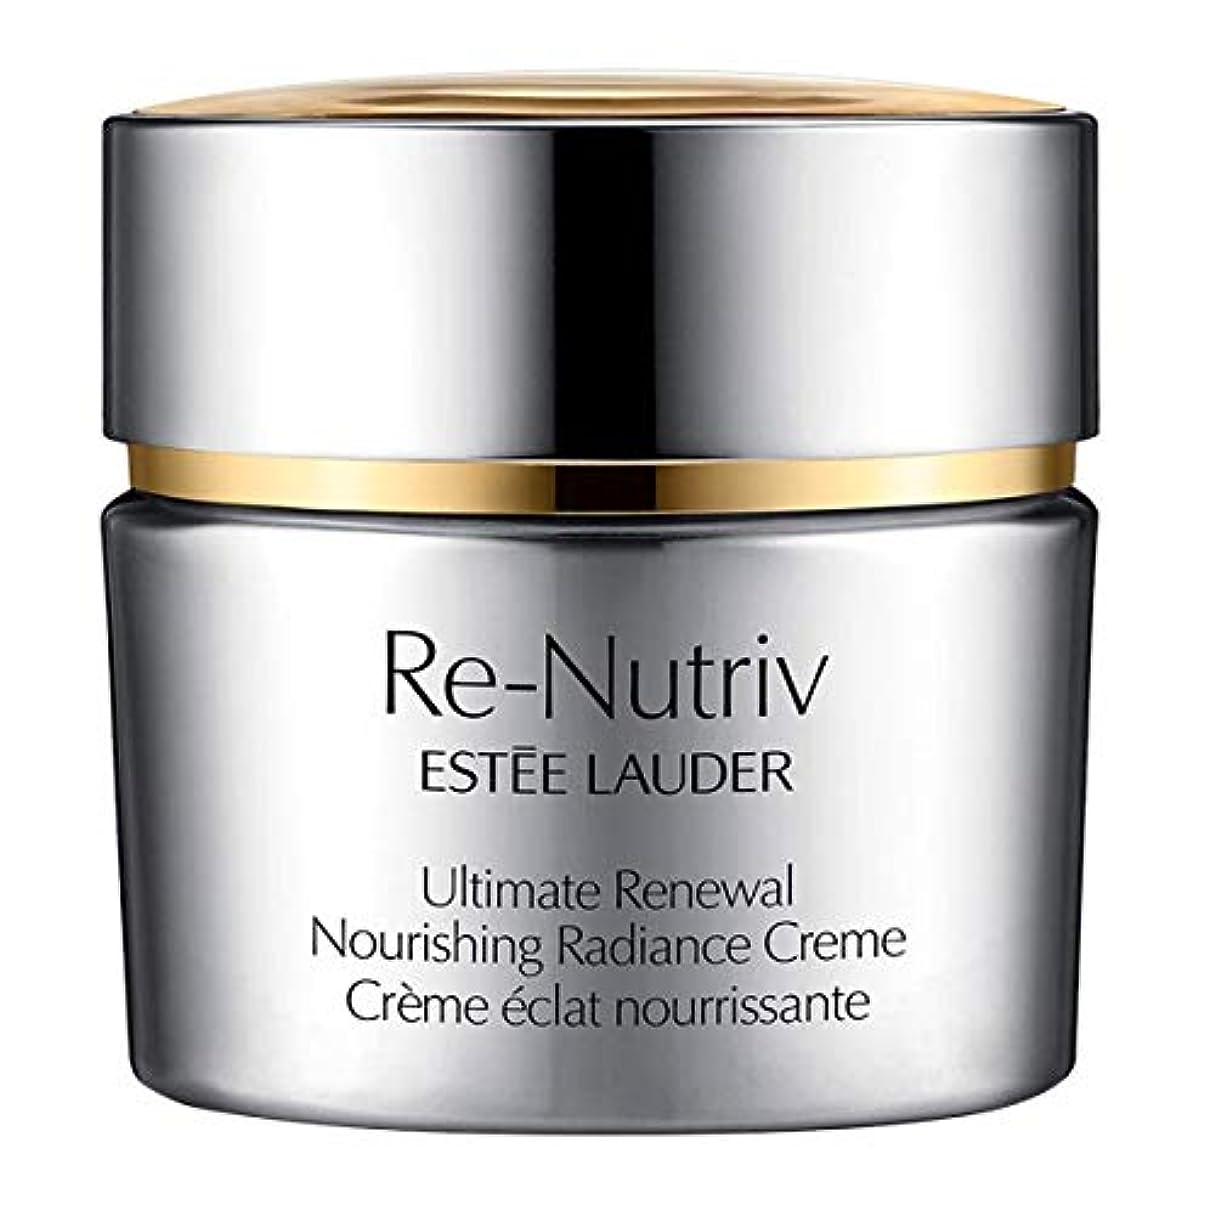 ラフ睡眠ハイランド正確さエスティローダー Re-Nutriv Ultimate Renewal Nourishing Radiance Creme 50ml/1.7oz並行輸入品